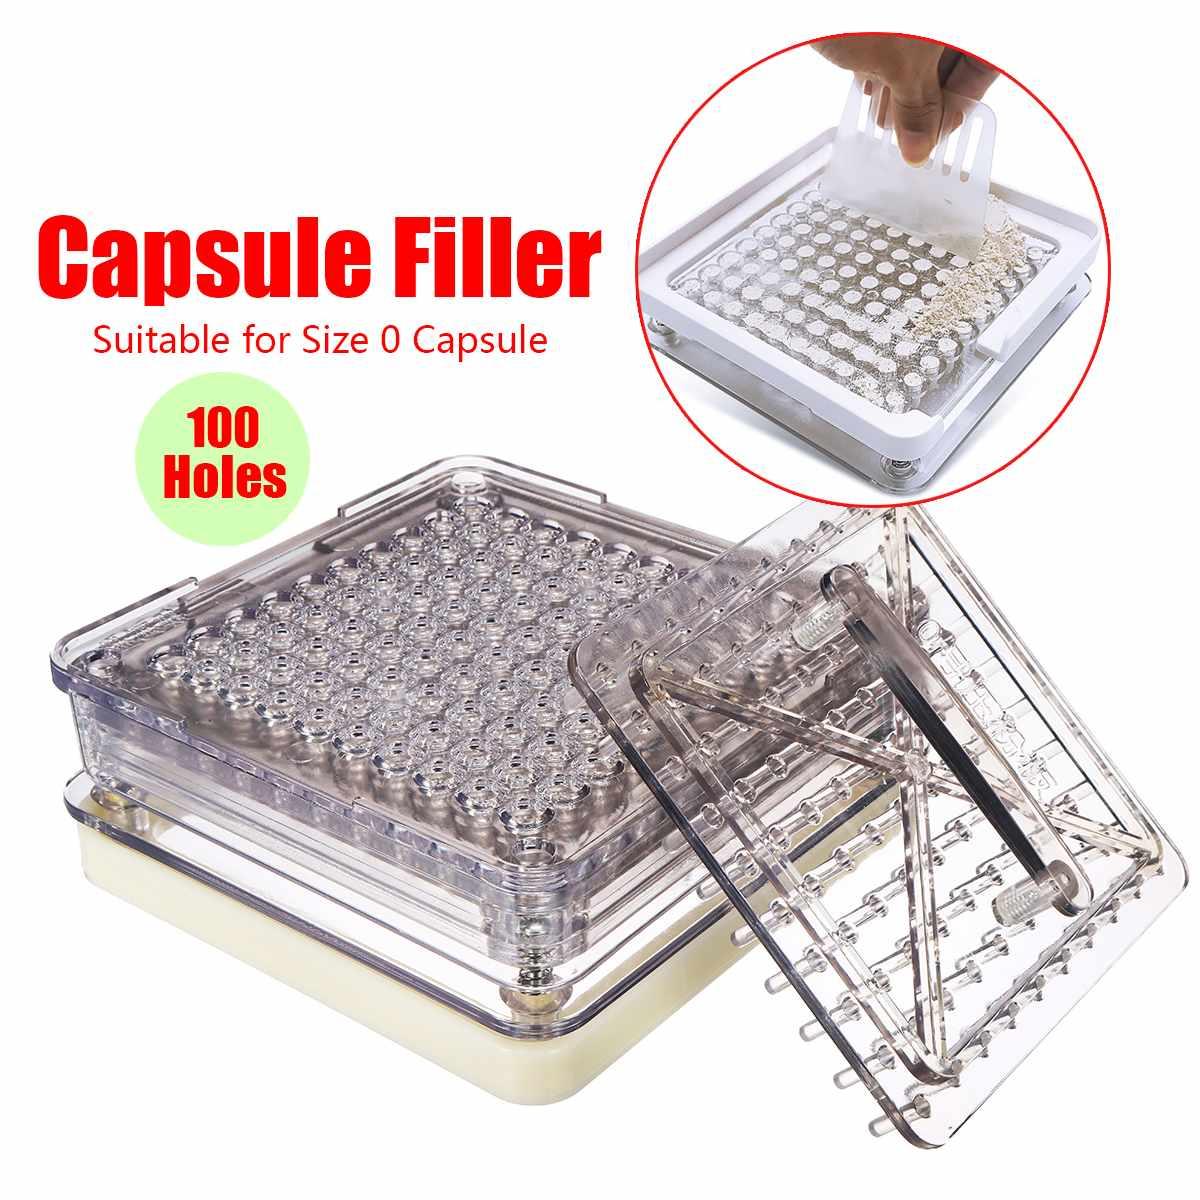 100 Holes Capsule Filler Maker Size 0 Capsule Filling Manual Machine Flate Tool Food Grade Material with Powder Block Plate